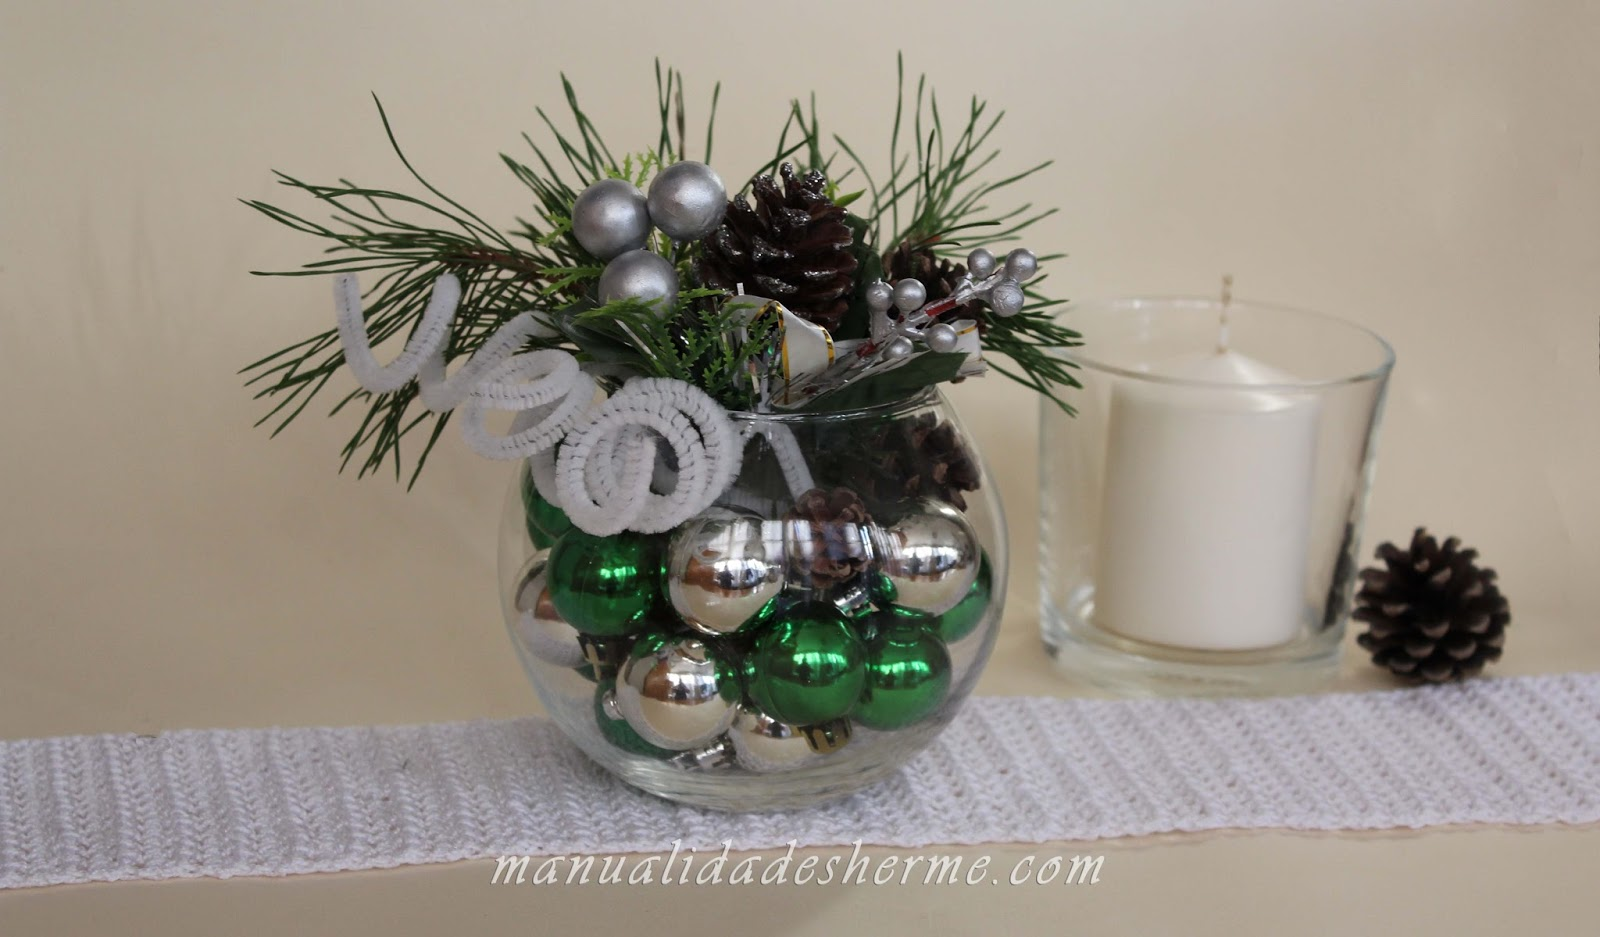 Manualidades herme como hacer un centro de mesa navide o - Como hacer un centro de mesa navideno ...